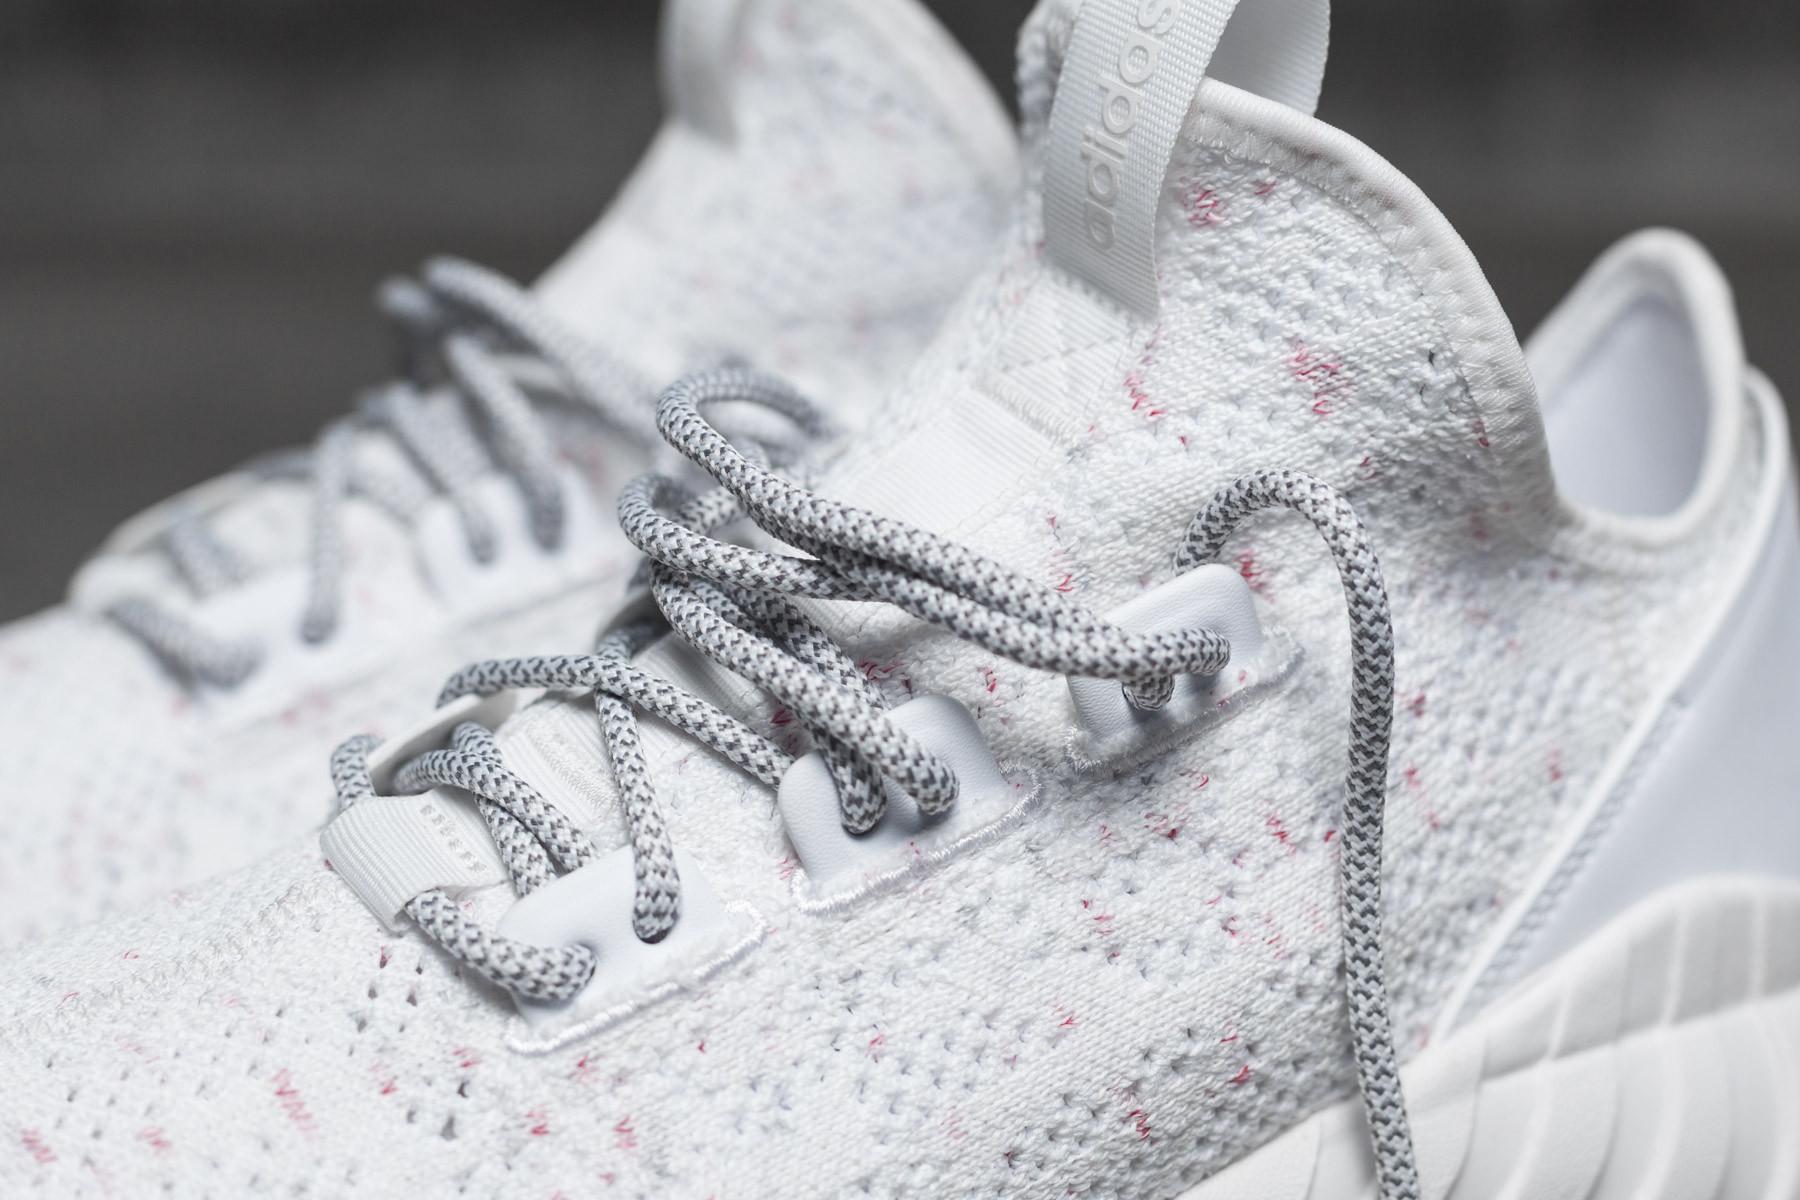 ... online retailer b5310 c50aa Adidas Tubular Doom Sock PK - Sneakers -  Sneaker.no ... 0cffb3d0b